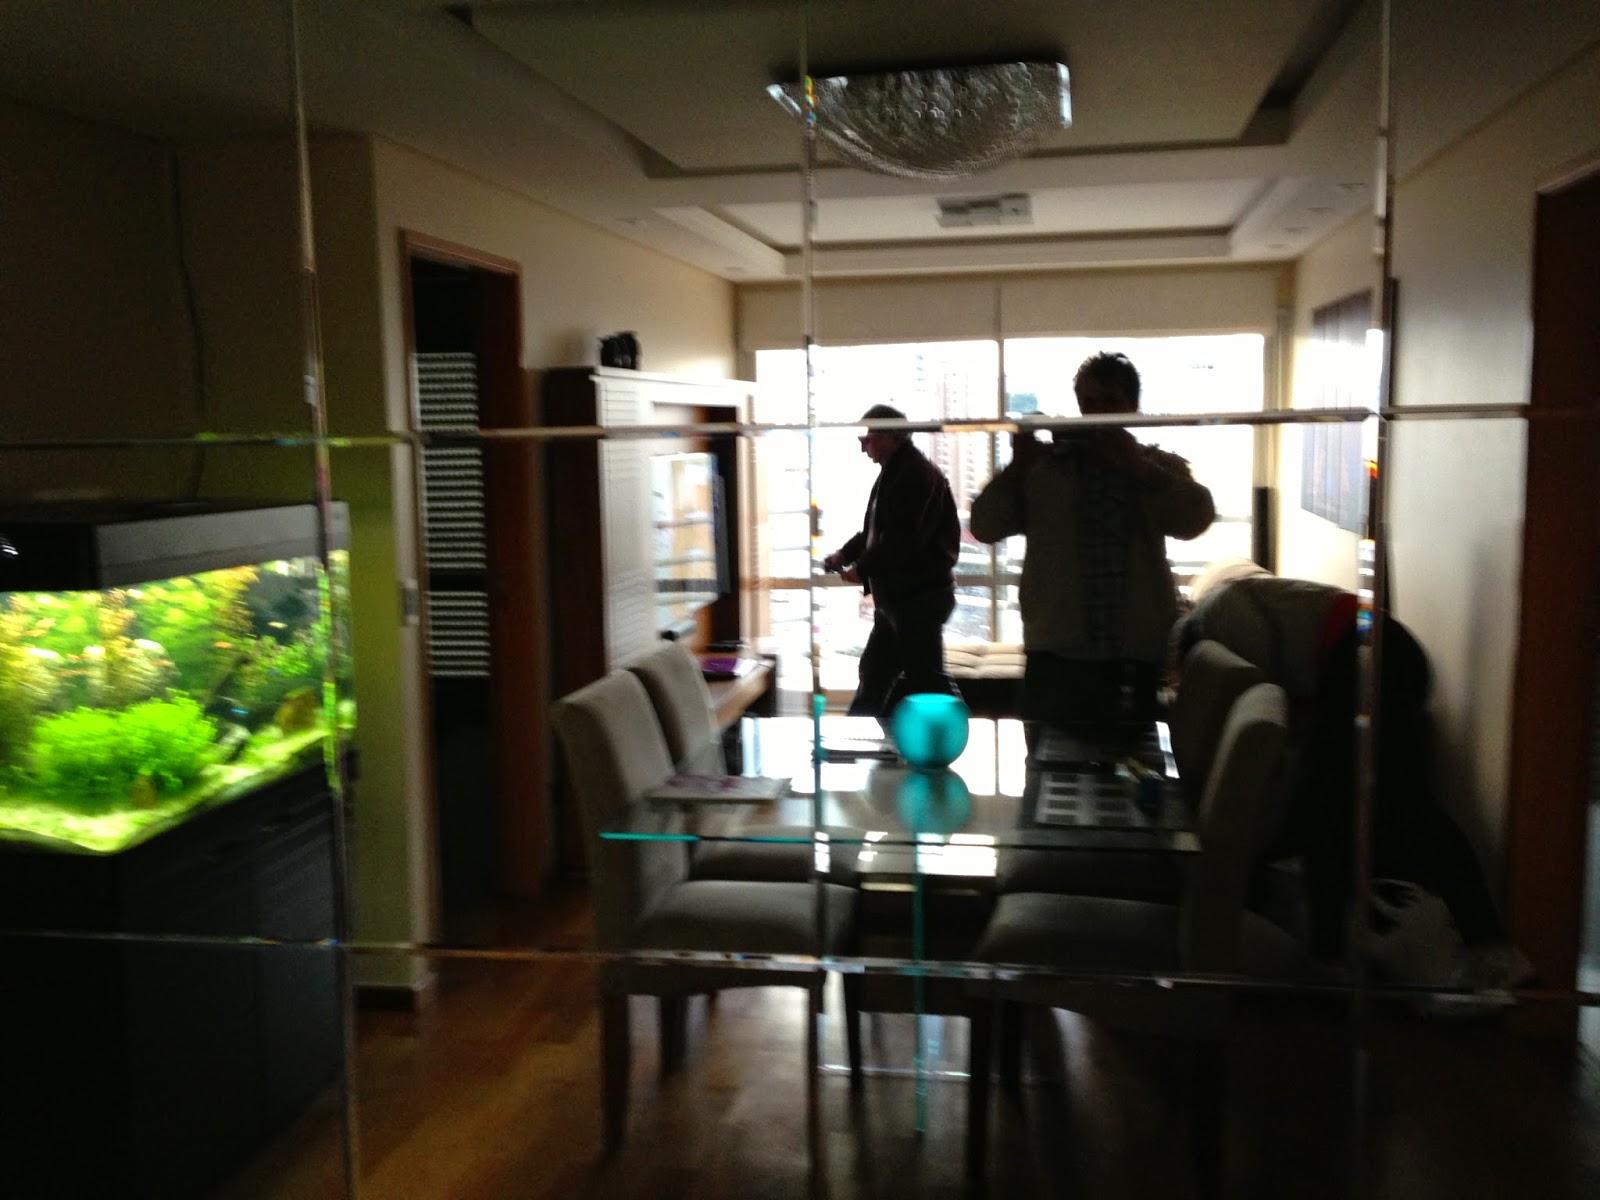 Imagens de #74B418 vidraçaria itaim bibi pinheiros: Espelhos de alta qualidade Guardian  1600x1200 px 2520 Box Banheiro Vila Olimpia